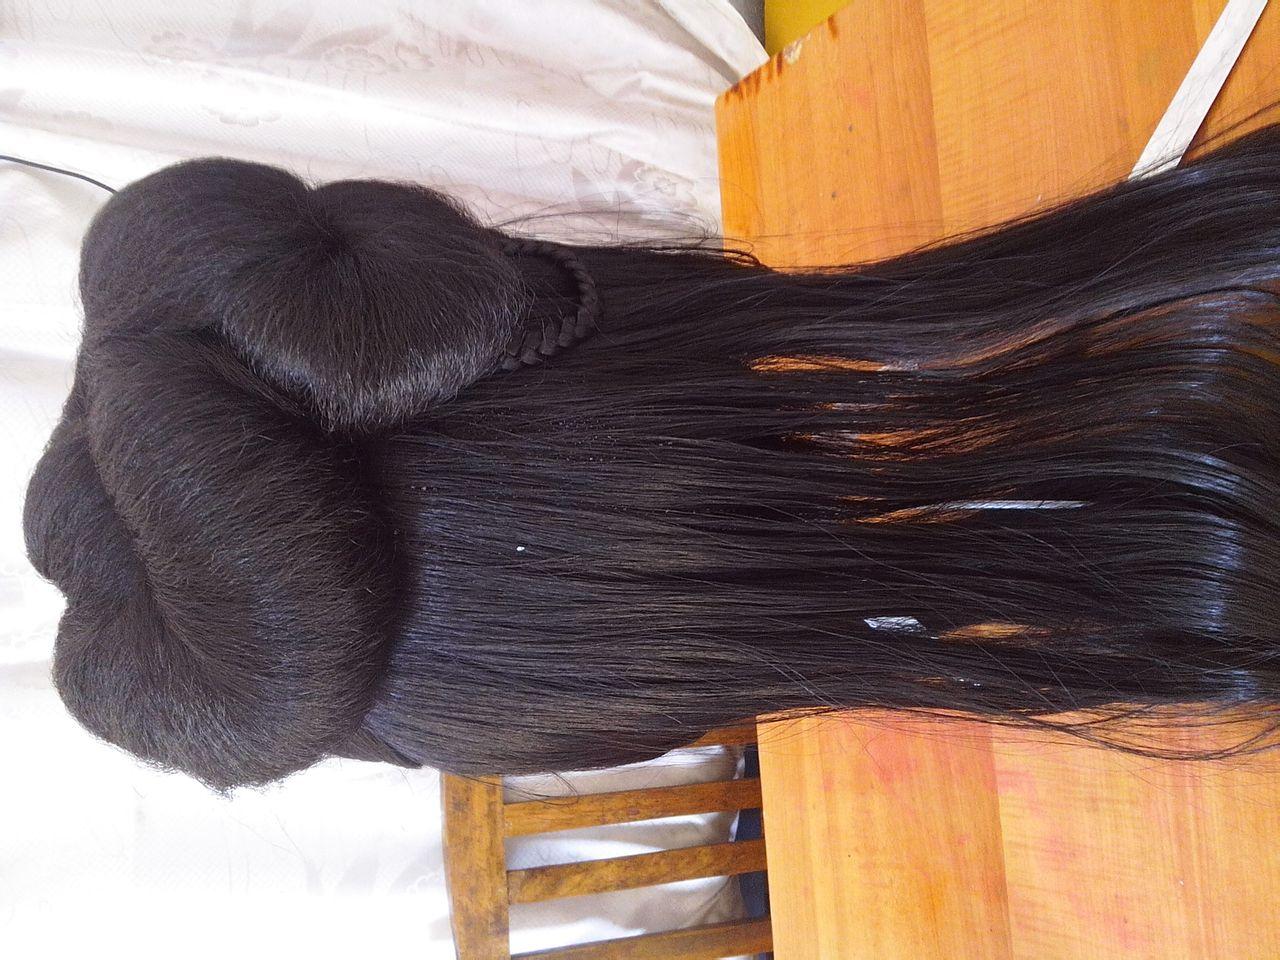 古装发型吧   也梳个古代发型 古装发型吧 百度贴吧   古装, 高清图片